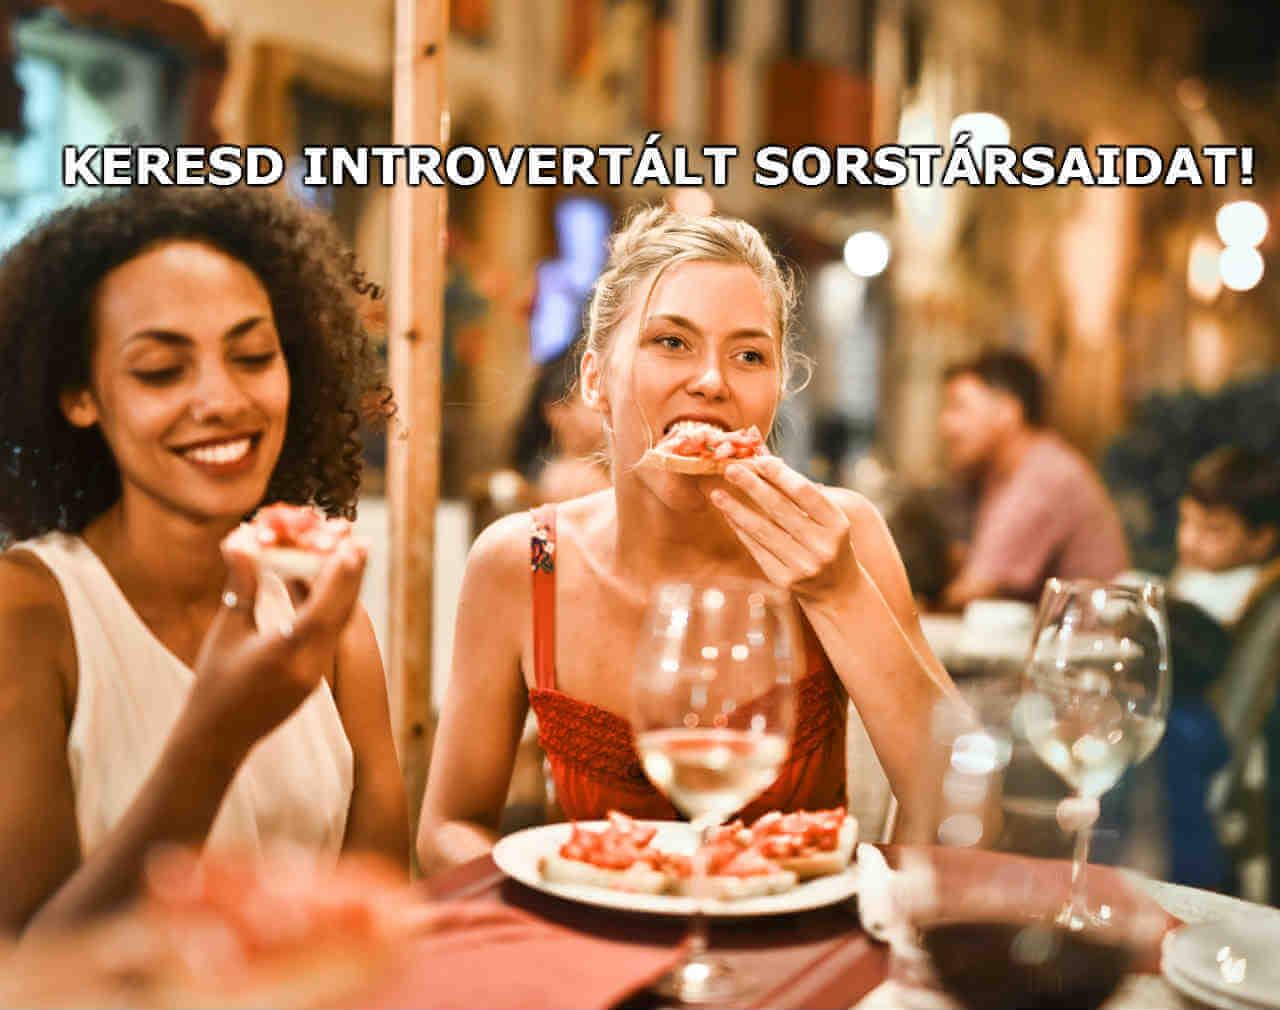 Keresd introvertált sorstársaidat